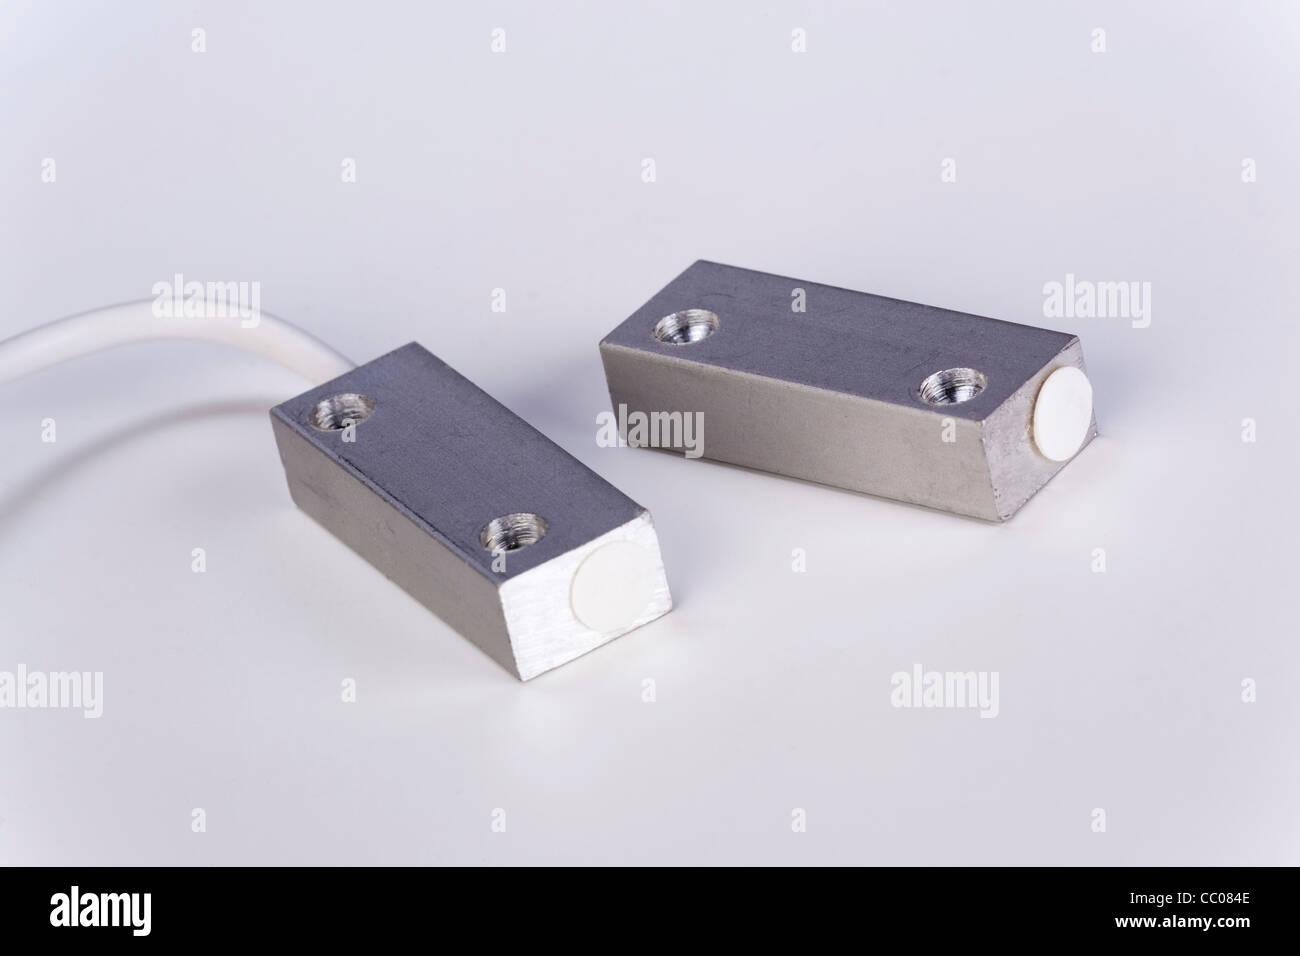 L'interrupteur Reed magnétique de l'aimant et du capteur Photo Stock